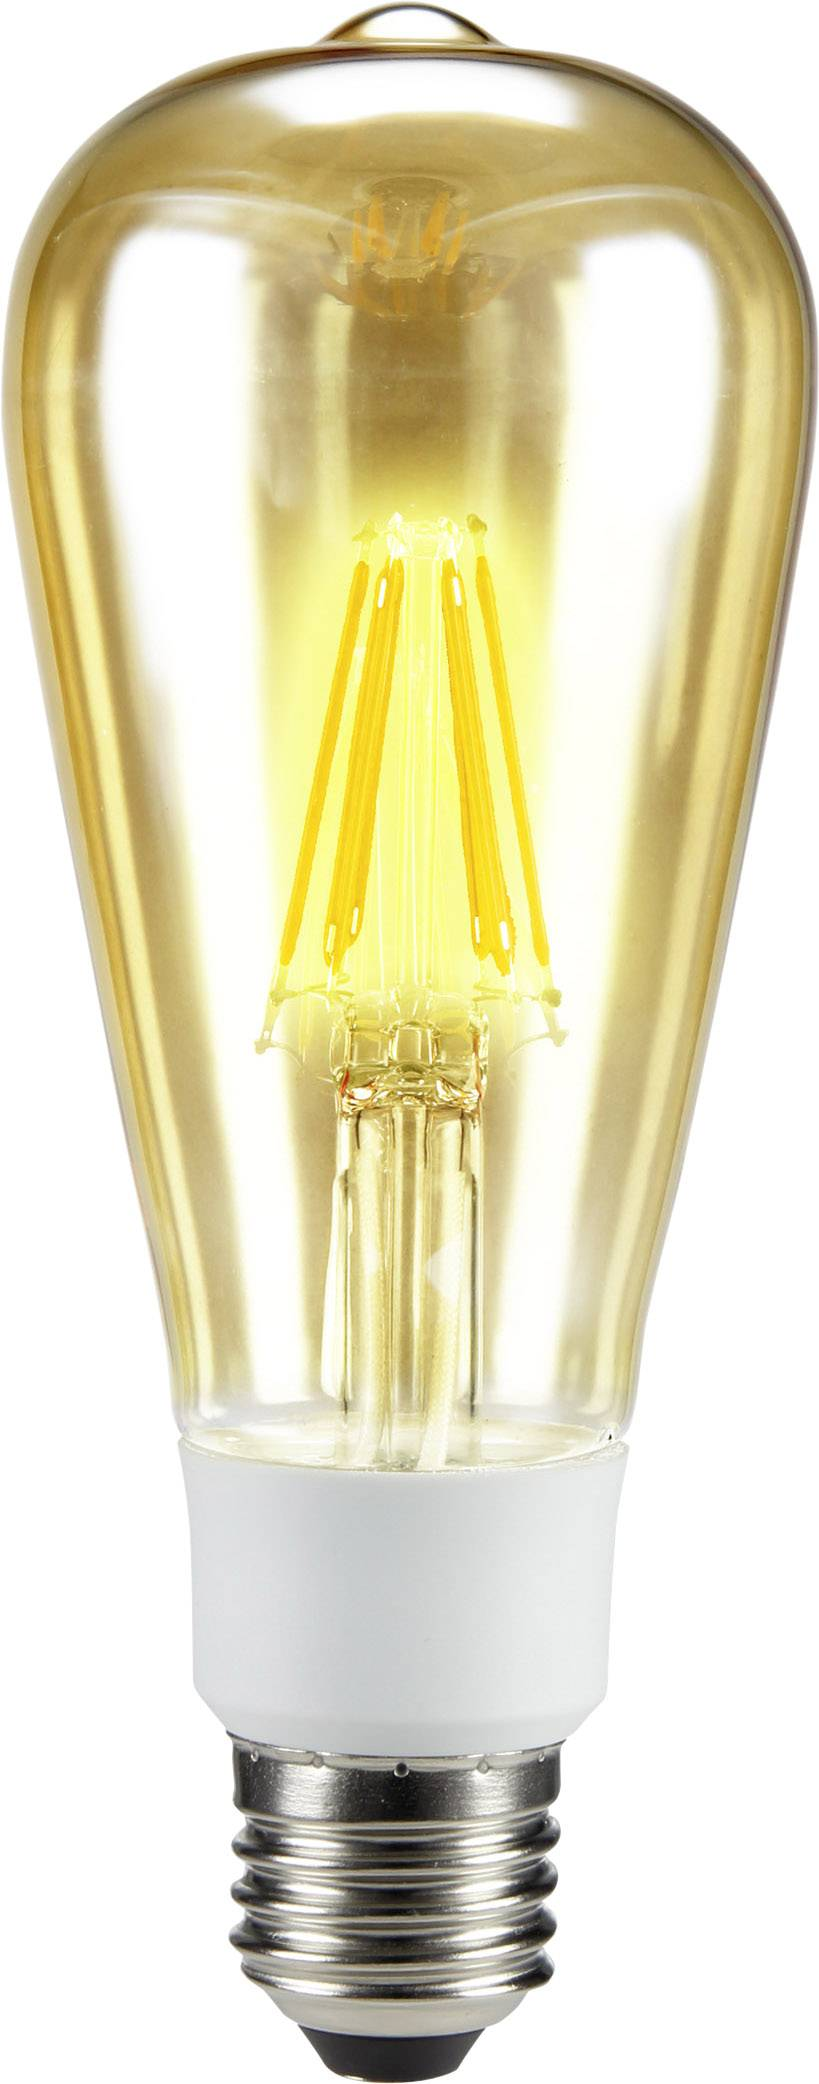 LED žárovka Sygonix STS6022 230 V, E27, 7 W = 60 W, teplá bílá, A++ (A++ - E), vlákno, stmívatelná, 1 ks